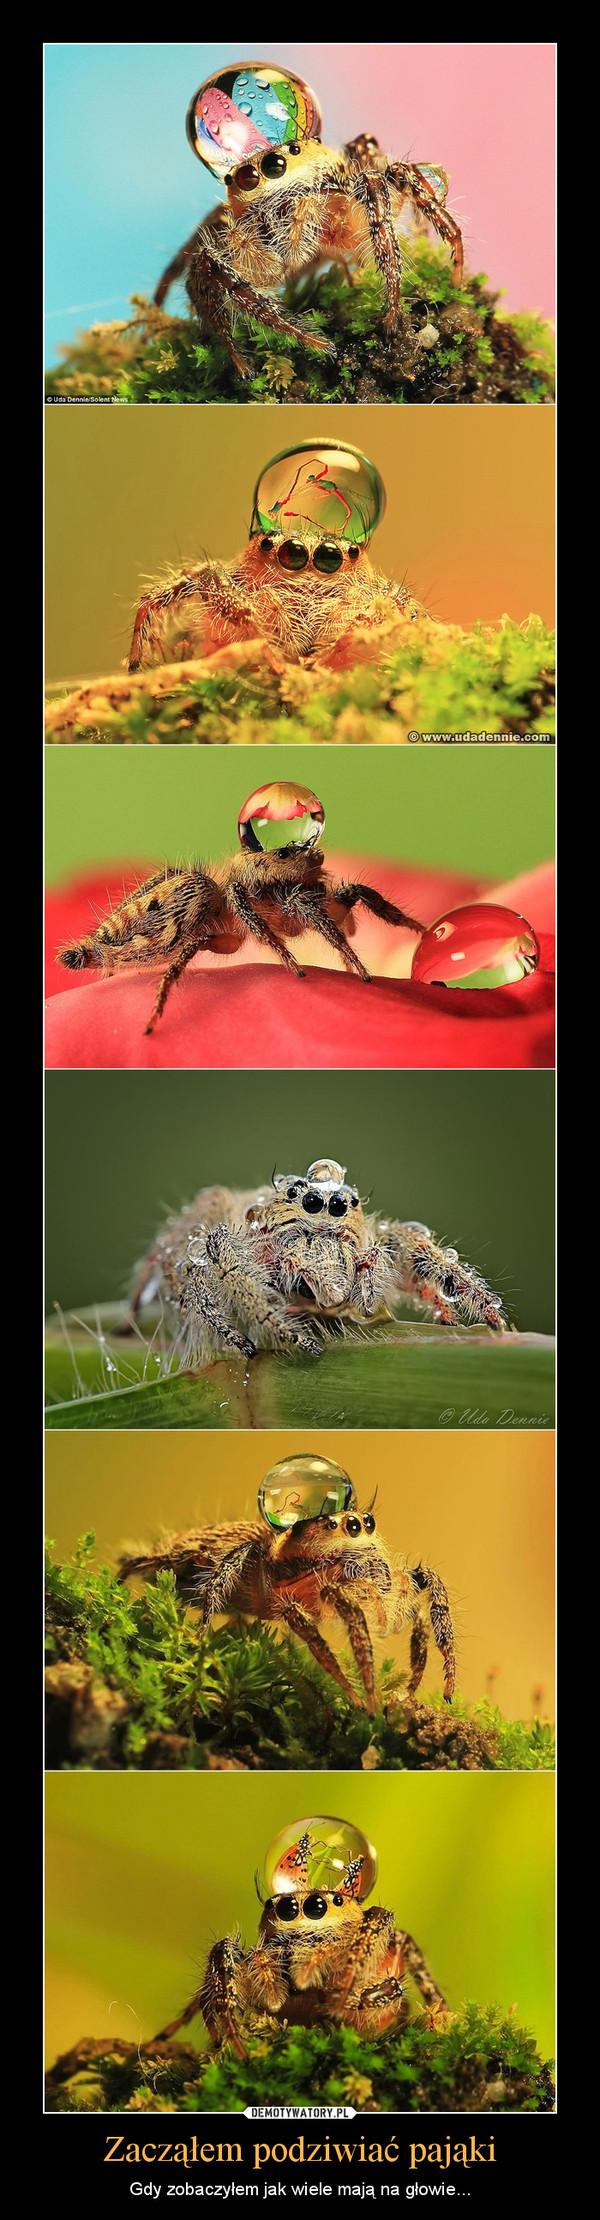 Zacząłem podziwiać pająki – Gdy zobaczyłem jak wiele mają na głowie...